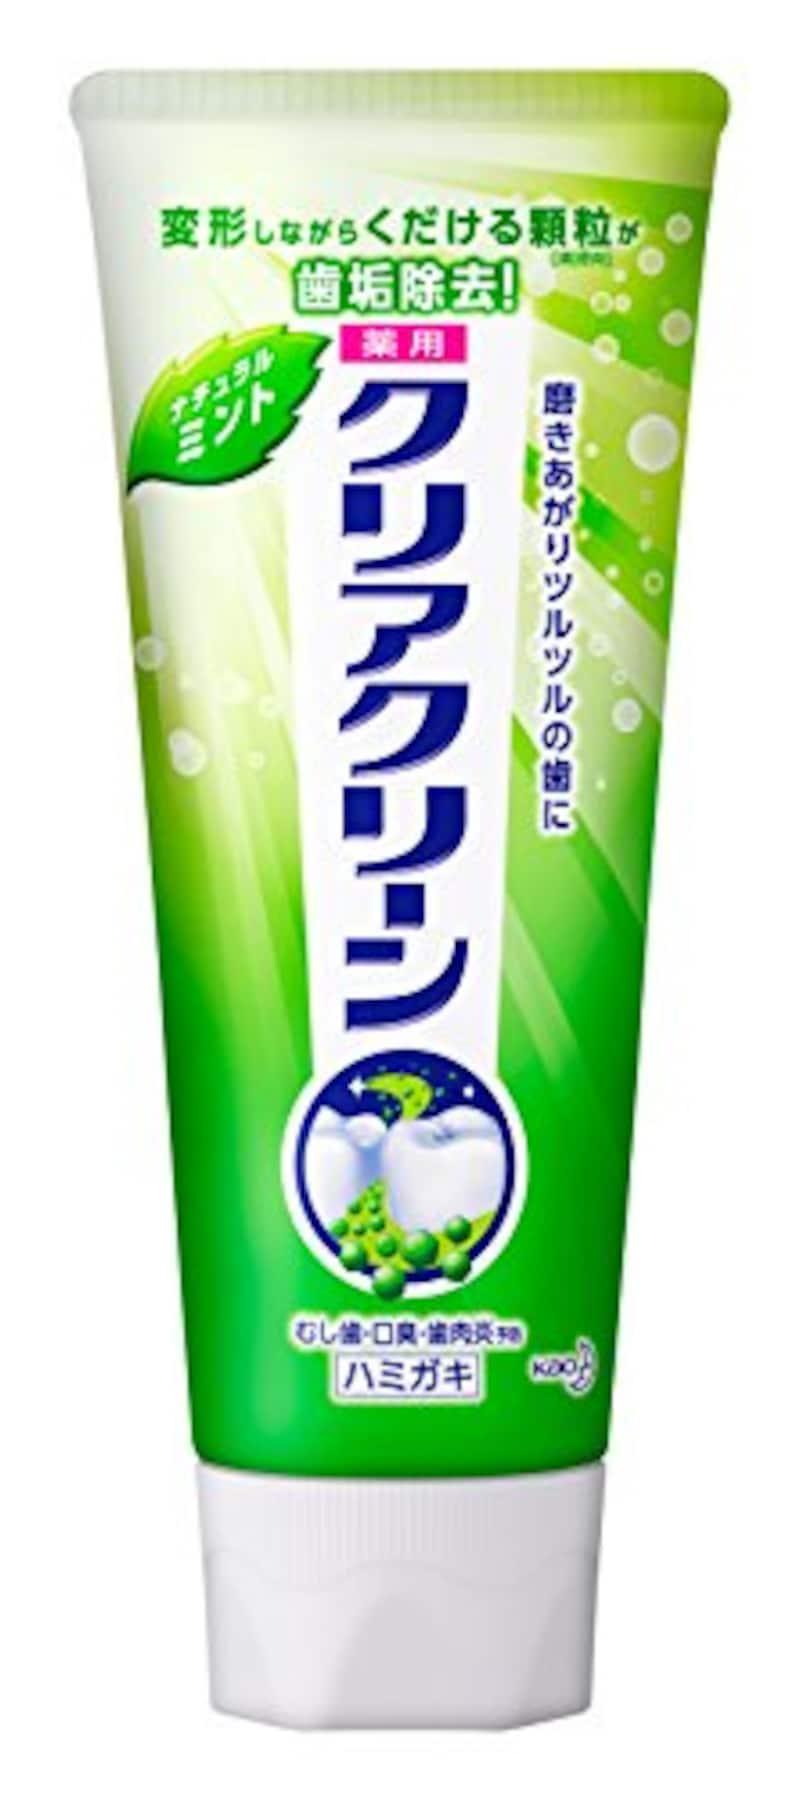 Kao(花王),クリアクリーンナチュラルミント